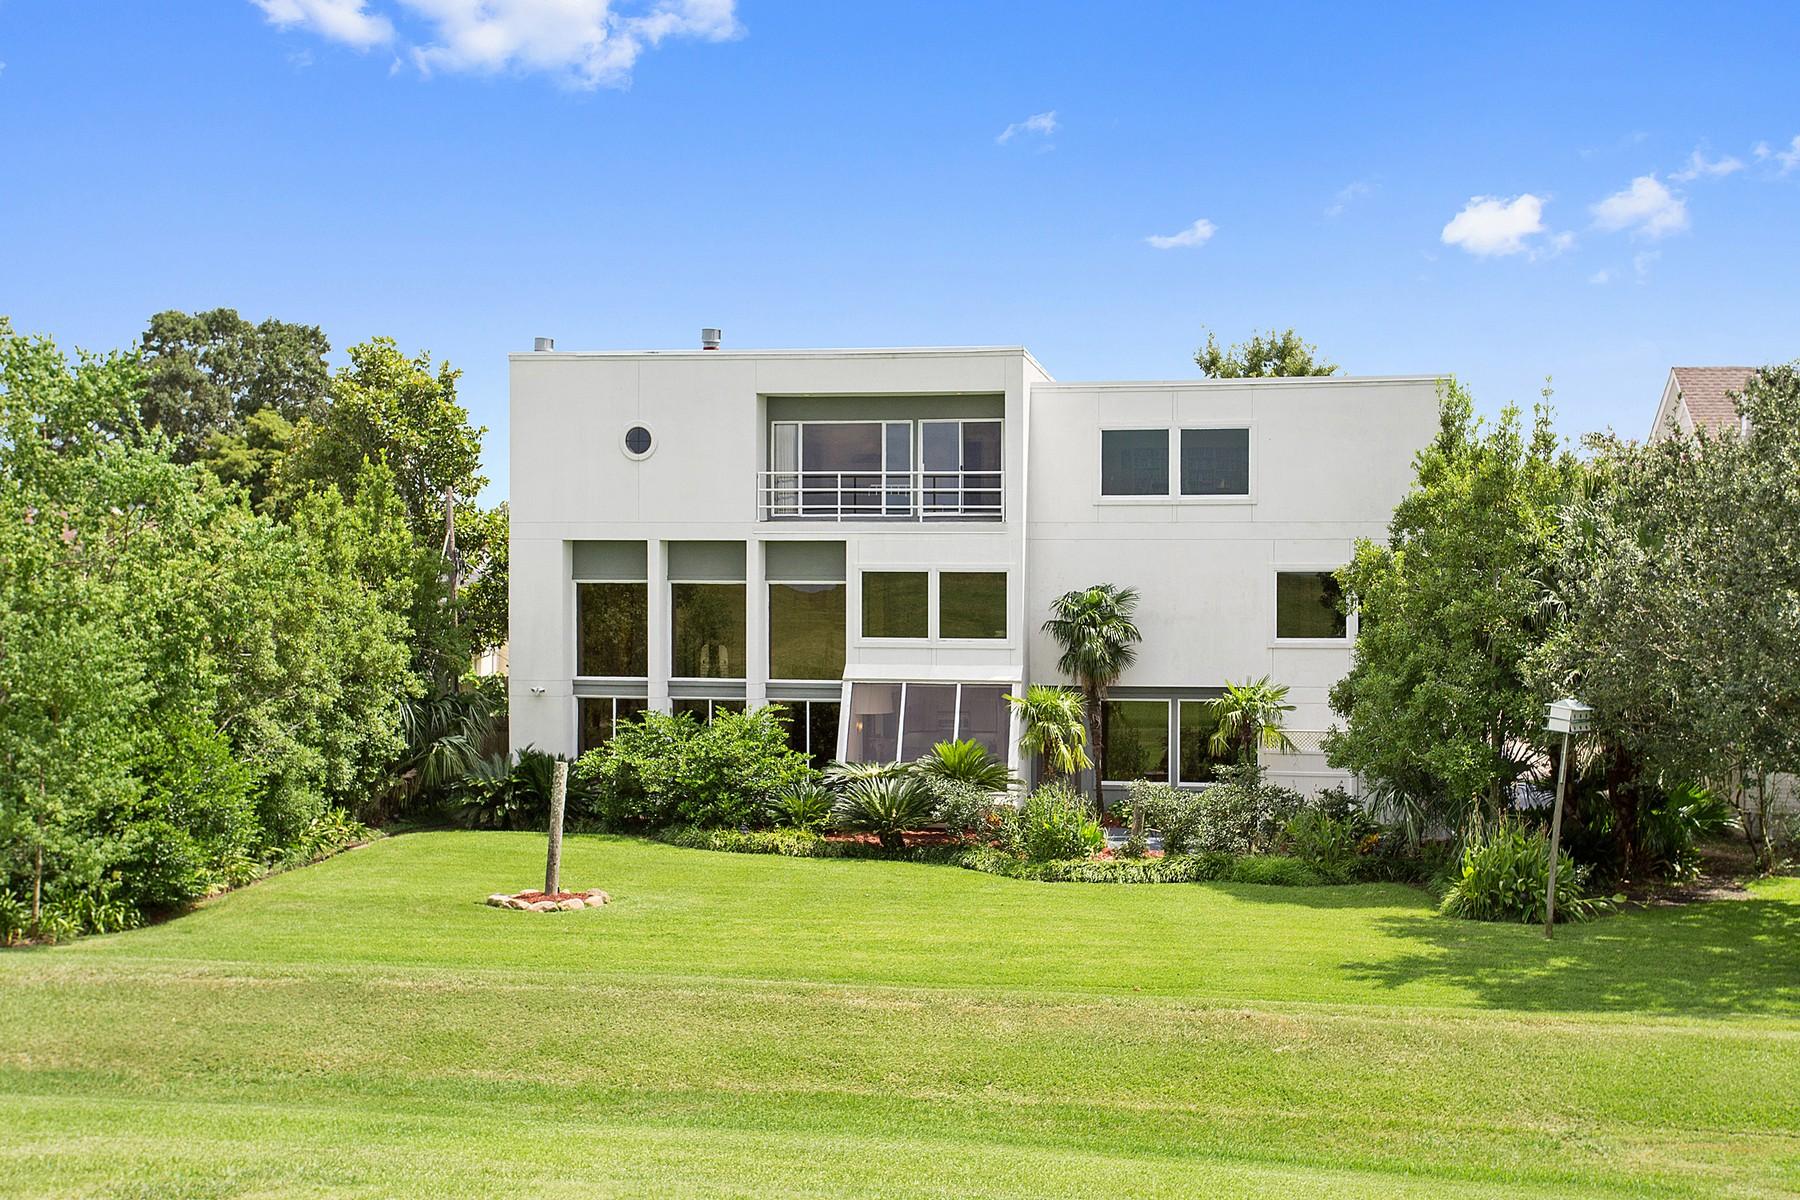 Частный односемейный дом для того Продажа на 4809 Neyrey Dr Metairie, Луизиана, 70002 Соединенные Штаты